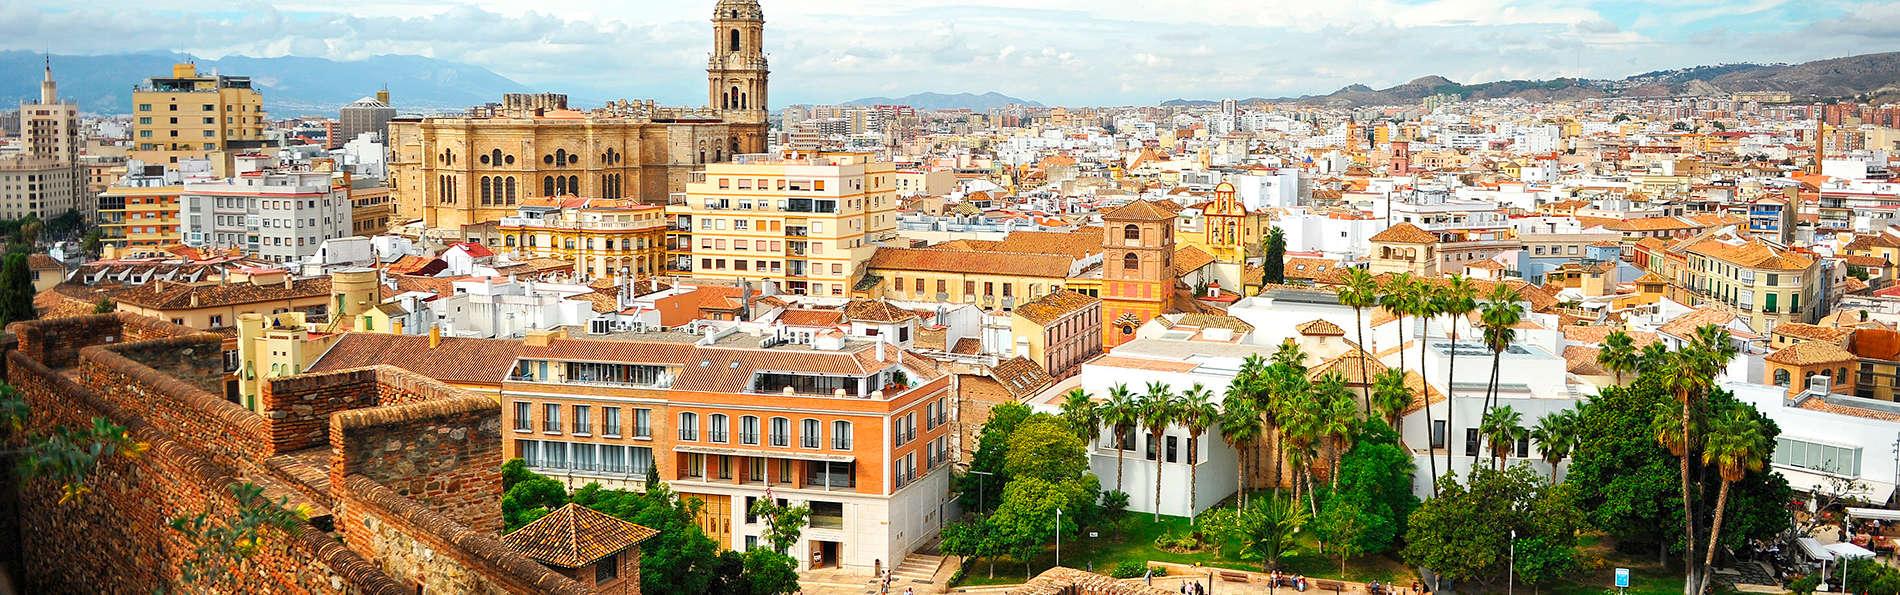 Hilton Garden Inn Málaga - edit_malaga23.jpg